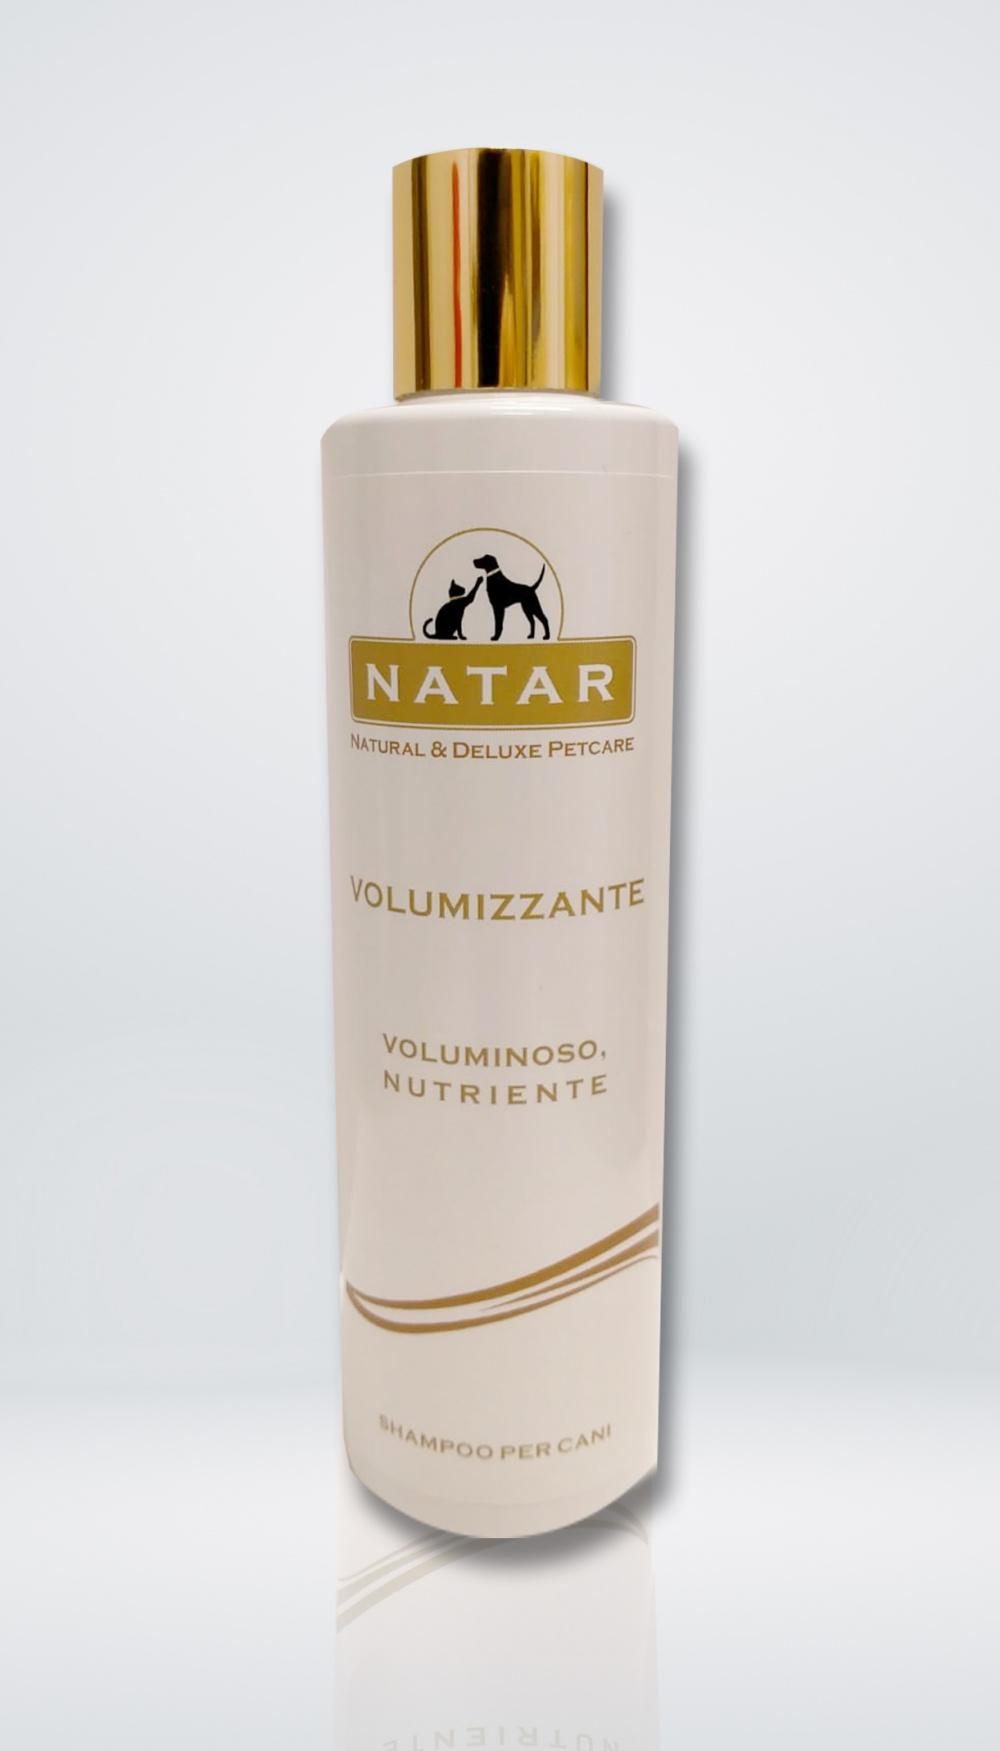 Natar Shampoo per cani volumizzante